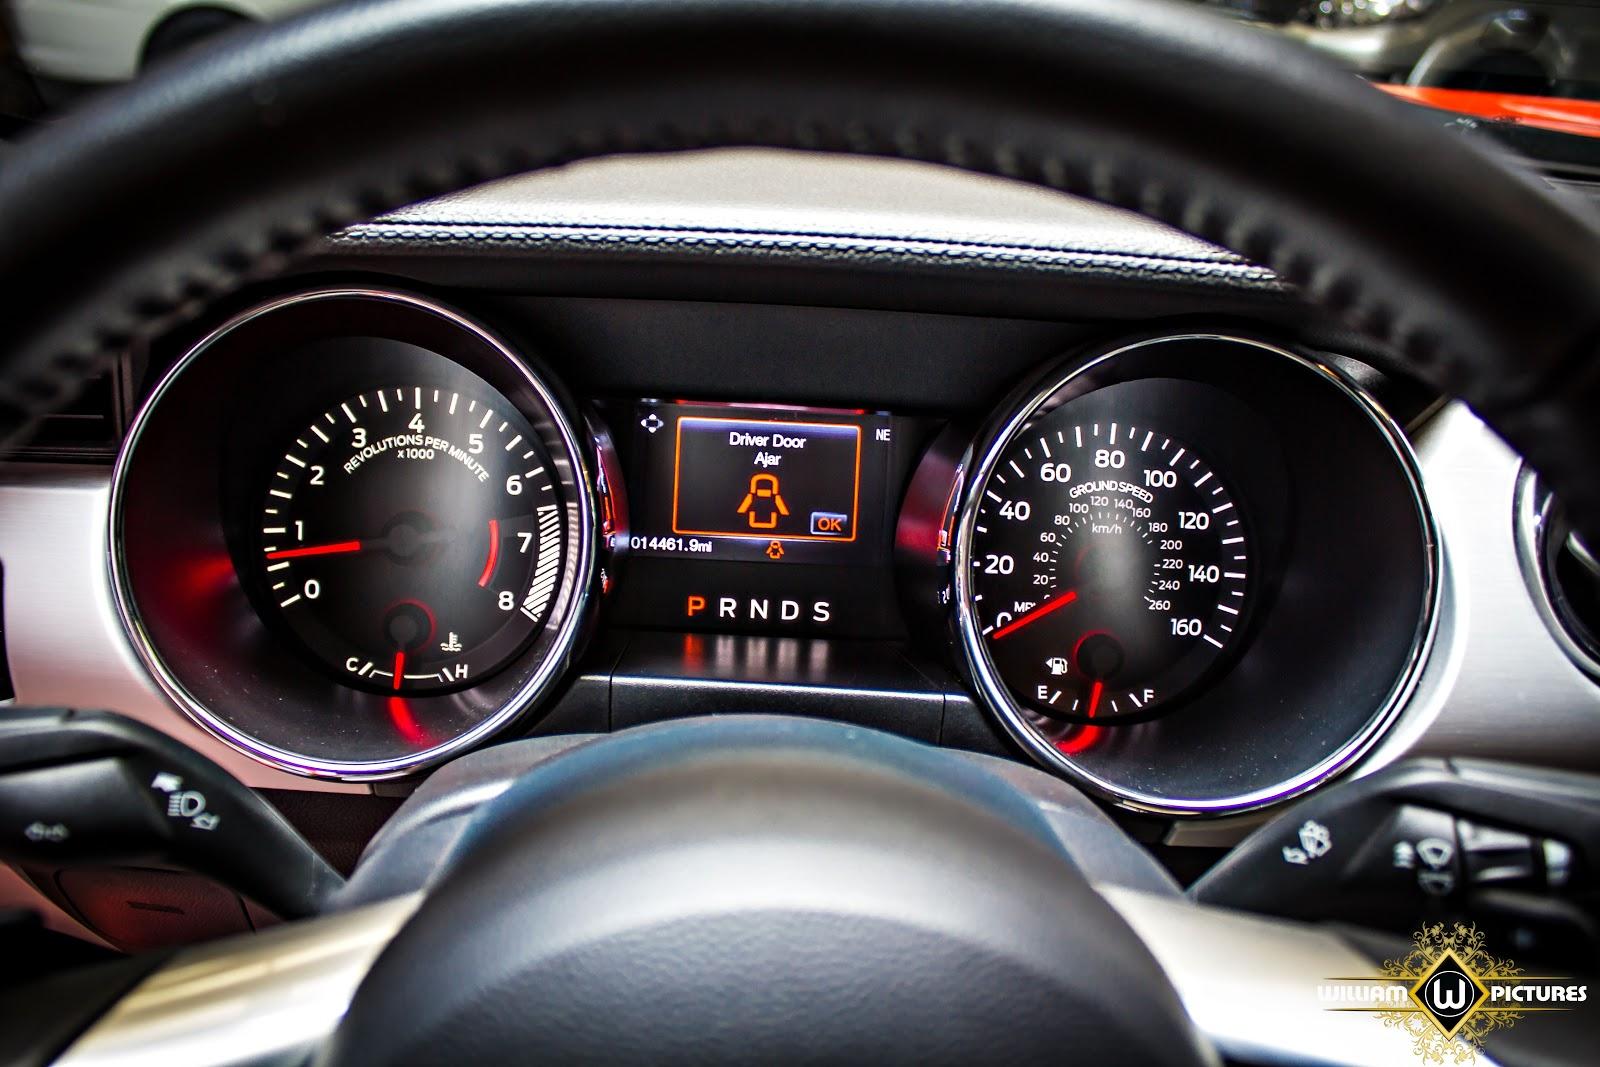 Mọi thông số, đồng hồ được hiển thị và cảnh báo cho lái xe